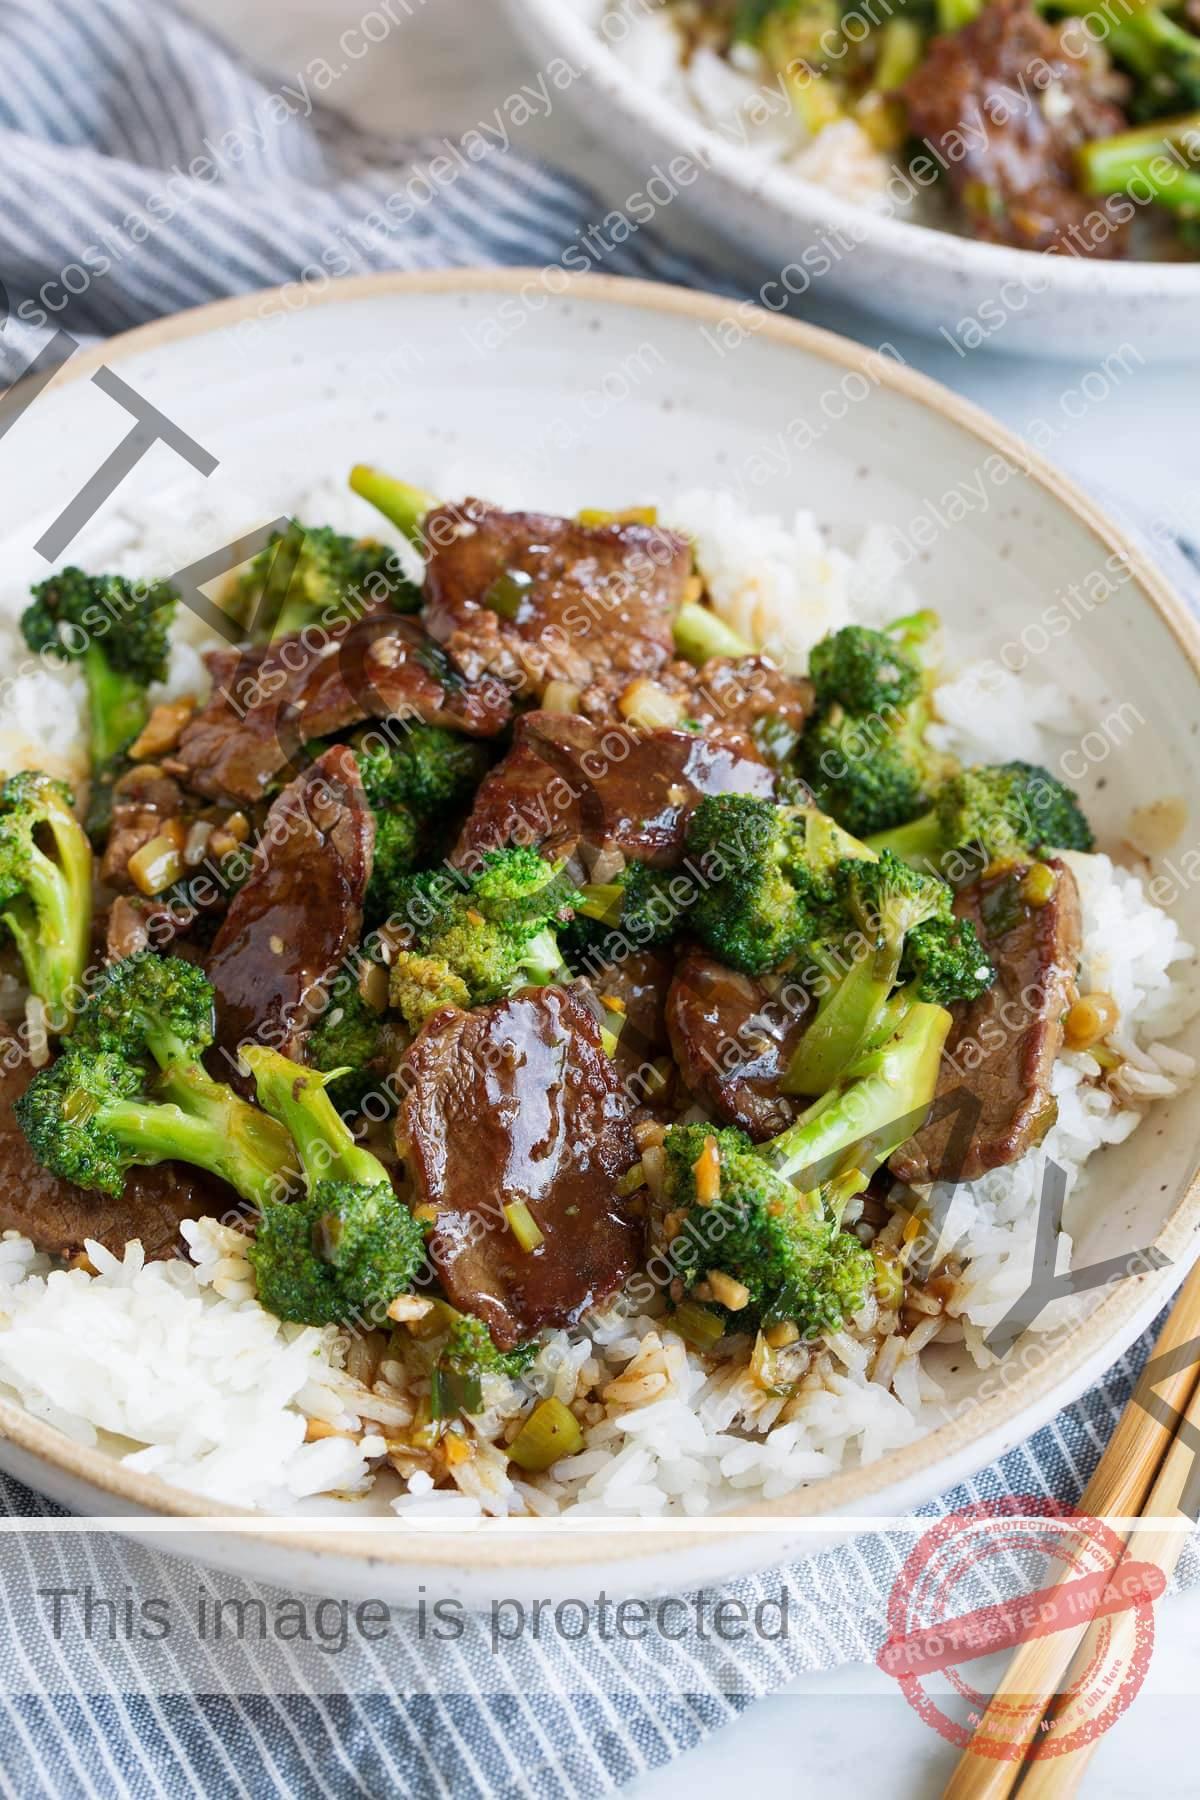 Carne y brócoli con arroz blanco en un bol.